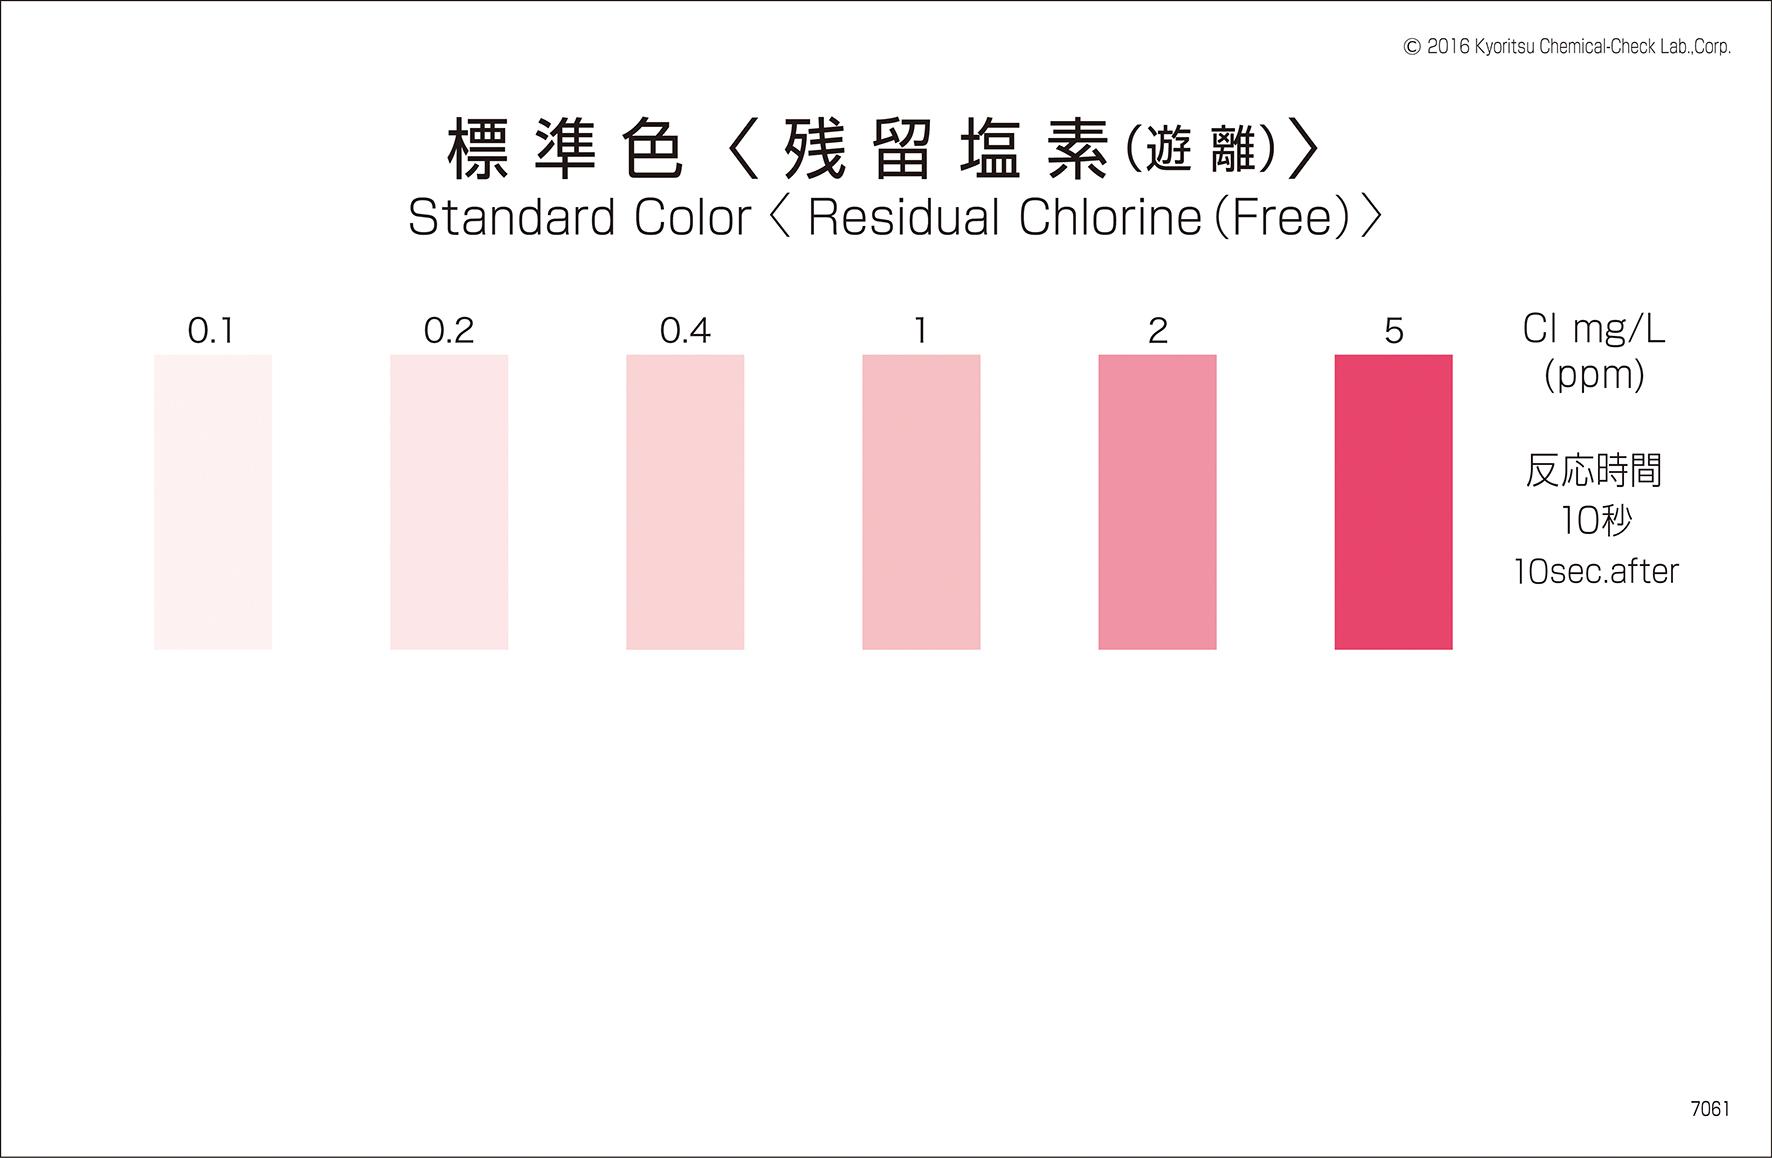 パックテスト 標準色 6価クロム WAK-Cr6+-S